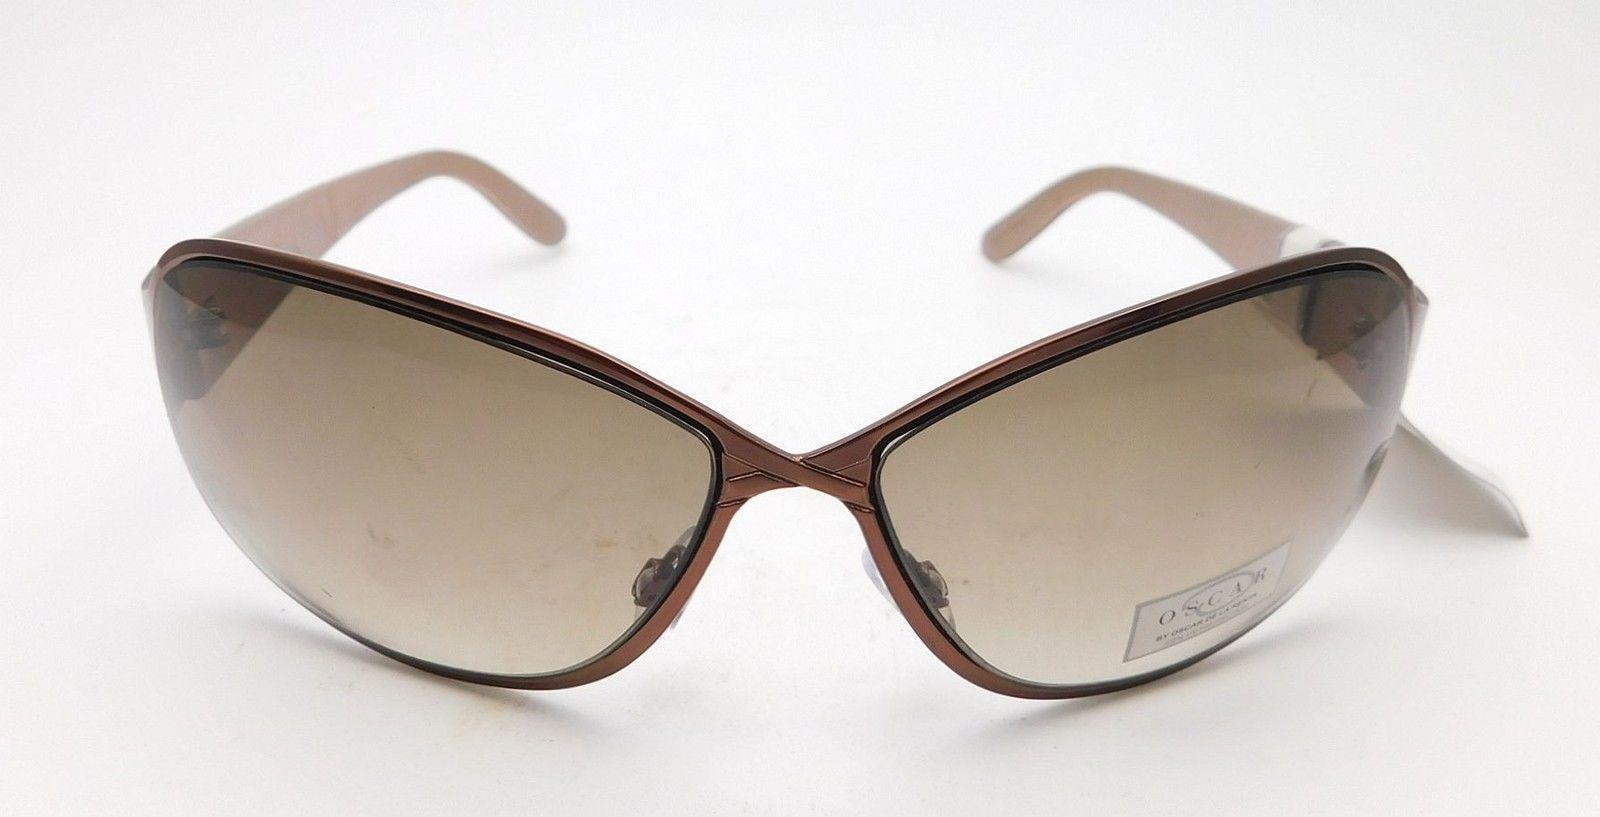 d81ee54ecf Oscar by Oscar de la Renta Sunglasses Mod and 8 similar items. S l1600